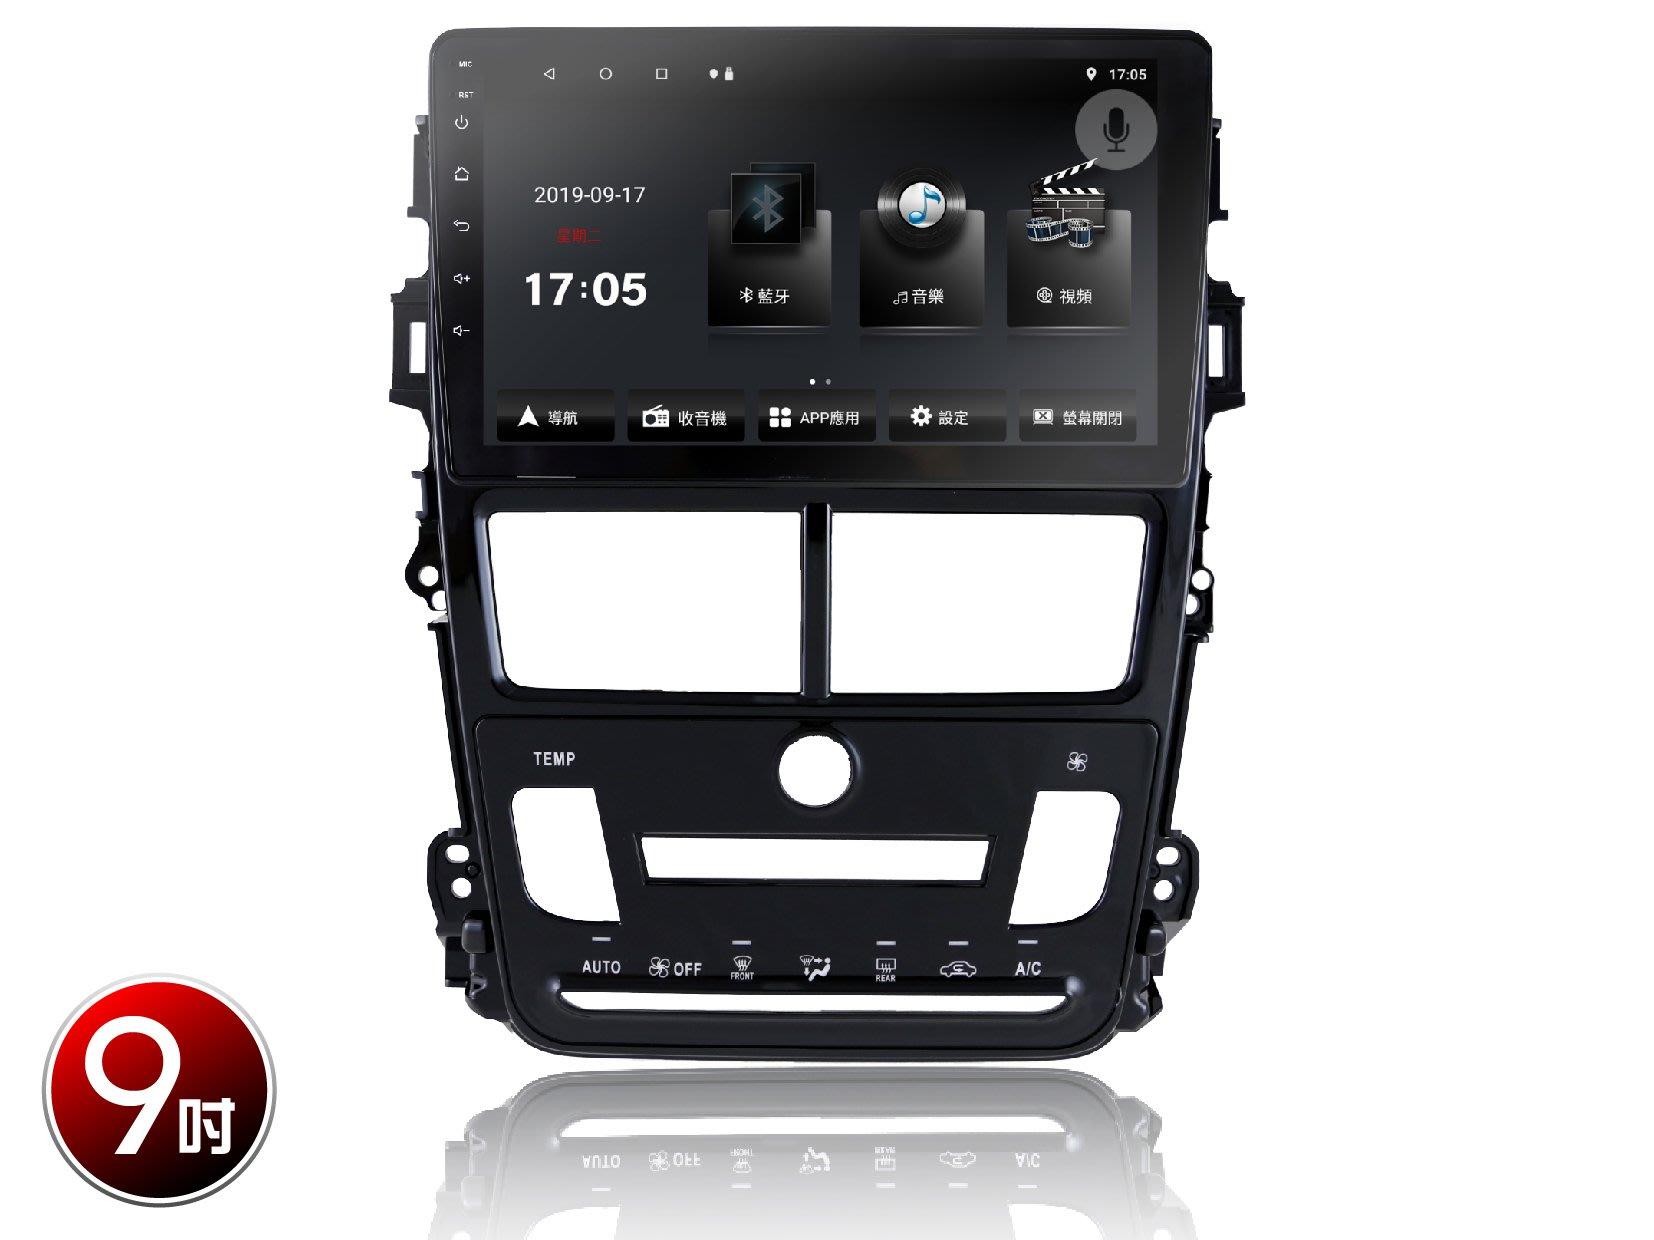 【全昇音響 】18VIOS自動空調款 V33 專用機 八核心 一年商品保固,台灣電檢合格商品 G+G雙層鋼化玻璃